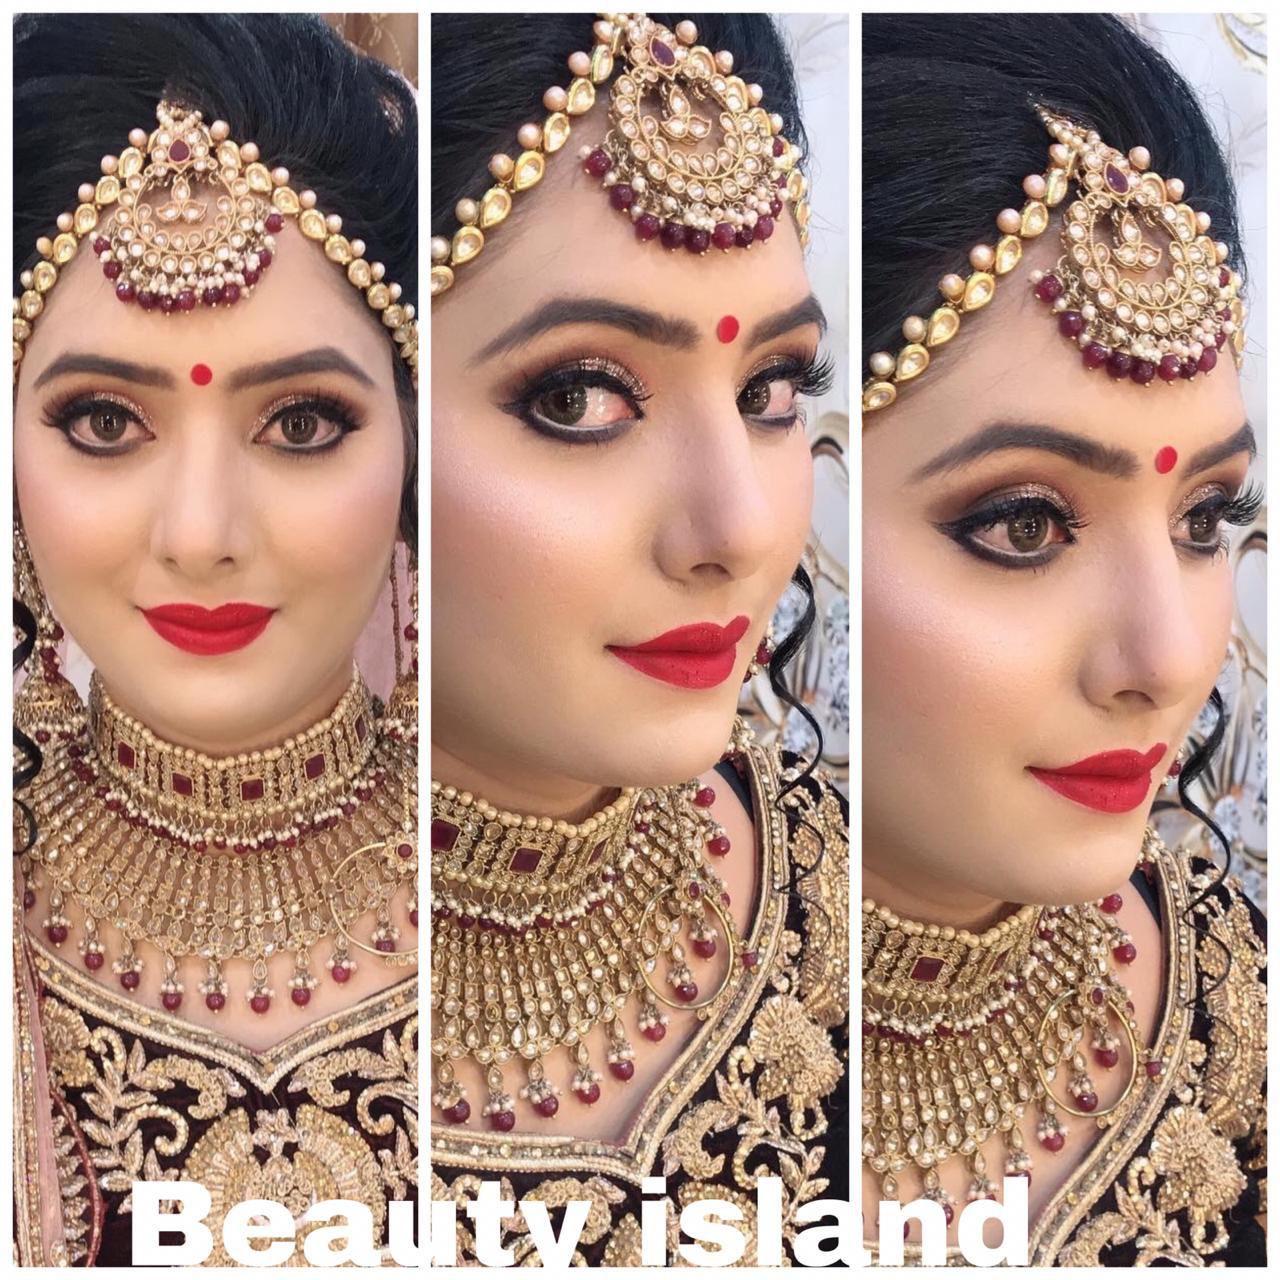 Bridalmakeupinpatna7250547186 Best airbrush makeup